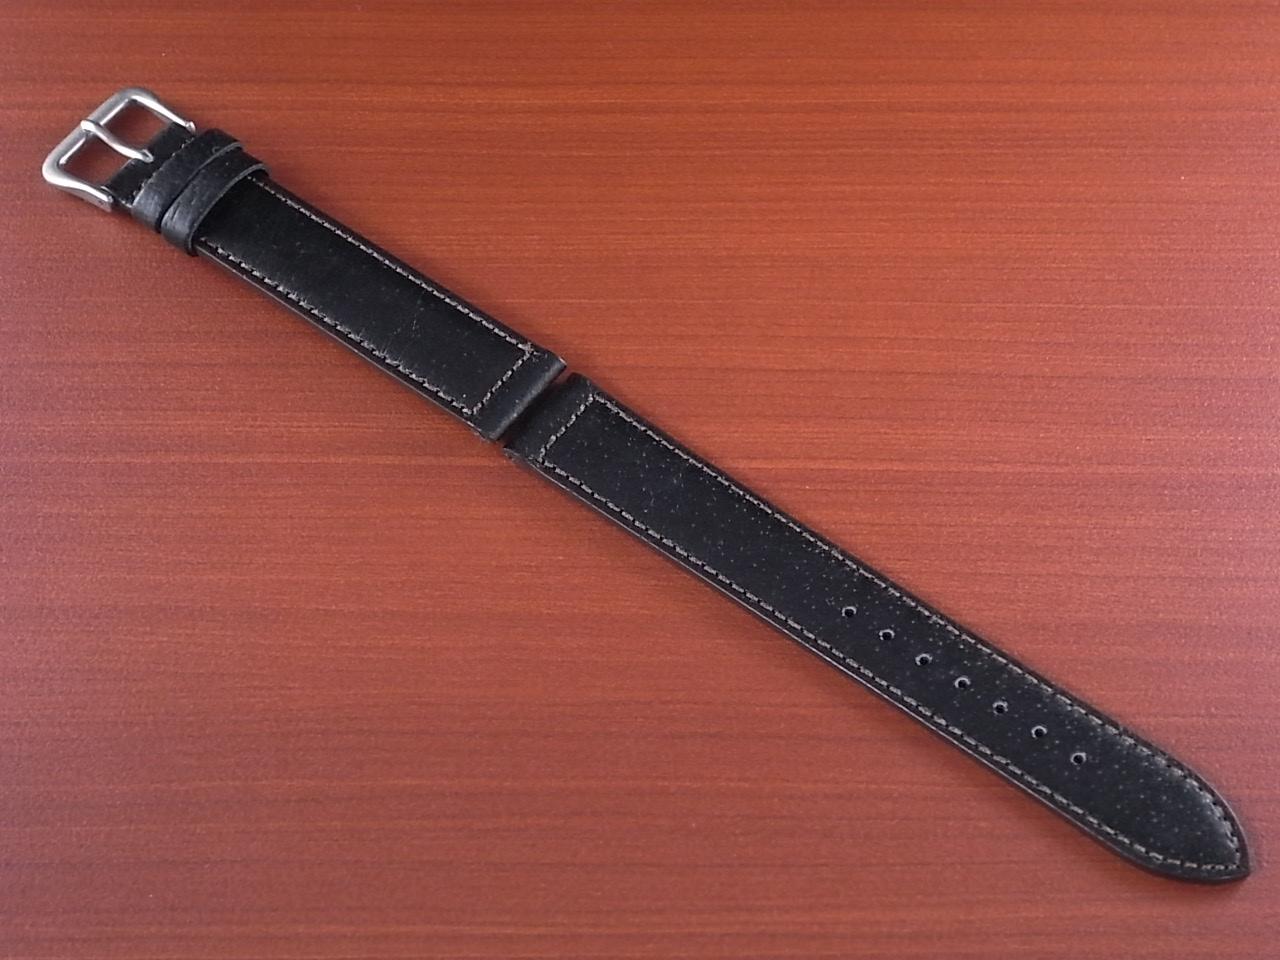 ピッグ革ベルト 黒 14、15、16、17、18、19、20mm オリジナル CSA-001aのメイン写真